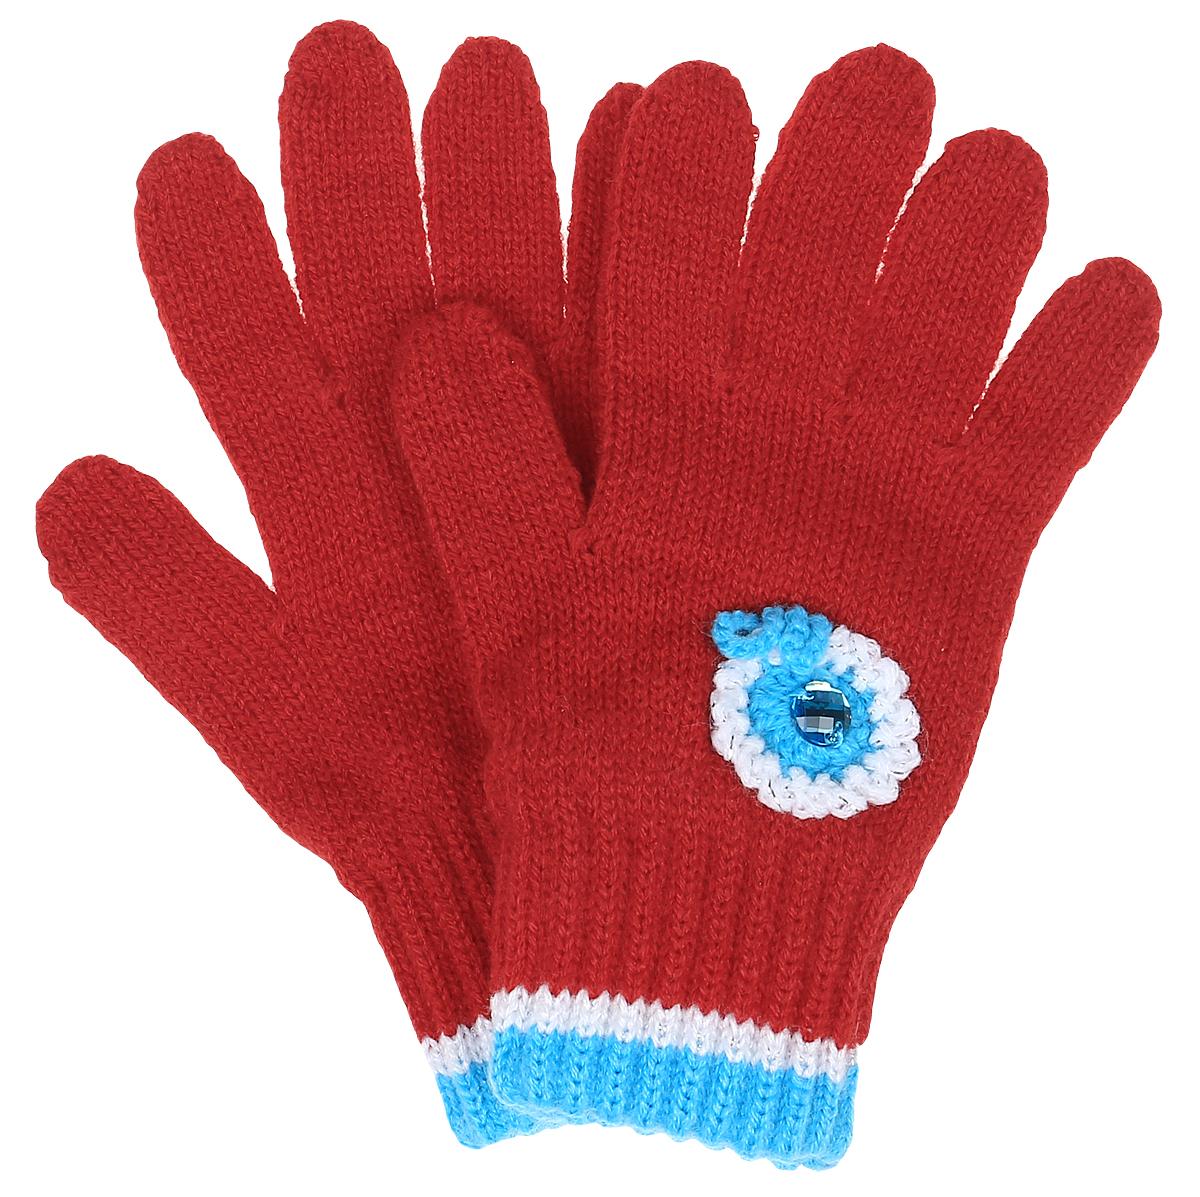 FLOWER-22Уютные перчатки для девочки Margot Bis Flover идеально подойдут для прогулок в прохладное время года. Изготовленные из высококачественного акрила, очень мягкие и приятные на ощупь и хорошо сохраняют тепло. Стильные перчатки оформлены аппликацией в виде вязанного цветка, который дополнен блестящей стразой. Верх модели на мягкой резинке, которая не стягивает запястья и надежно фиксирует перчатки на ручках ребенка.